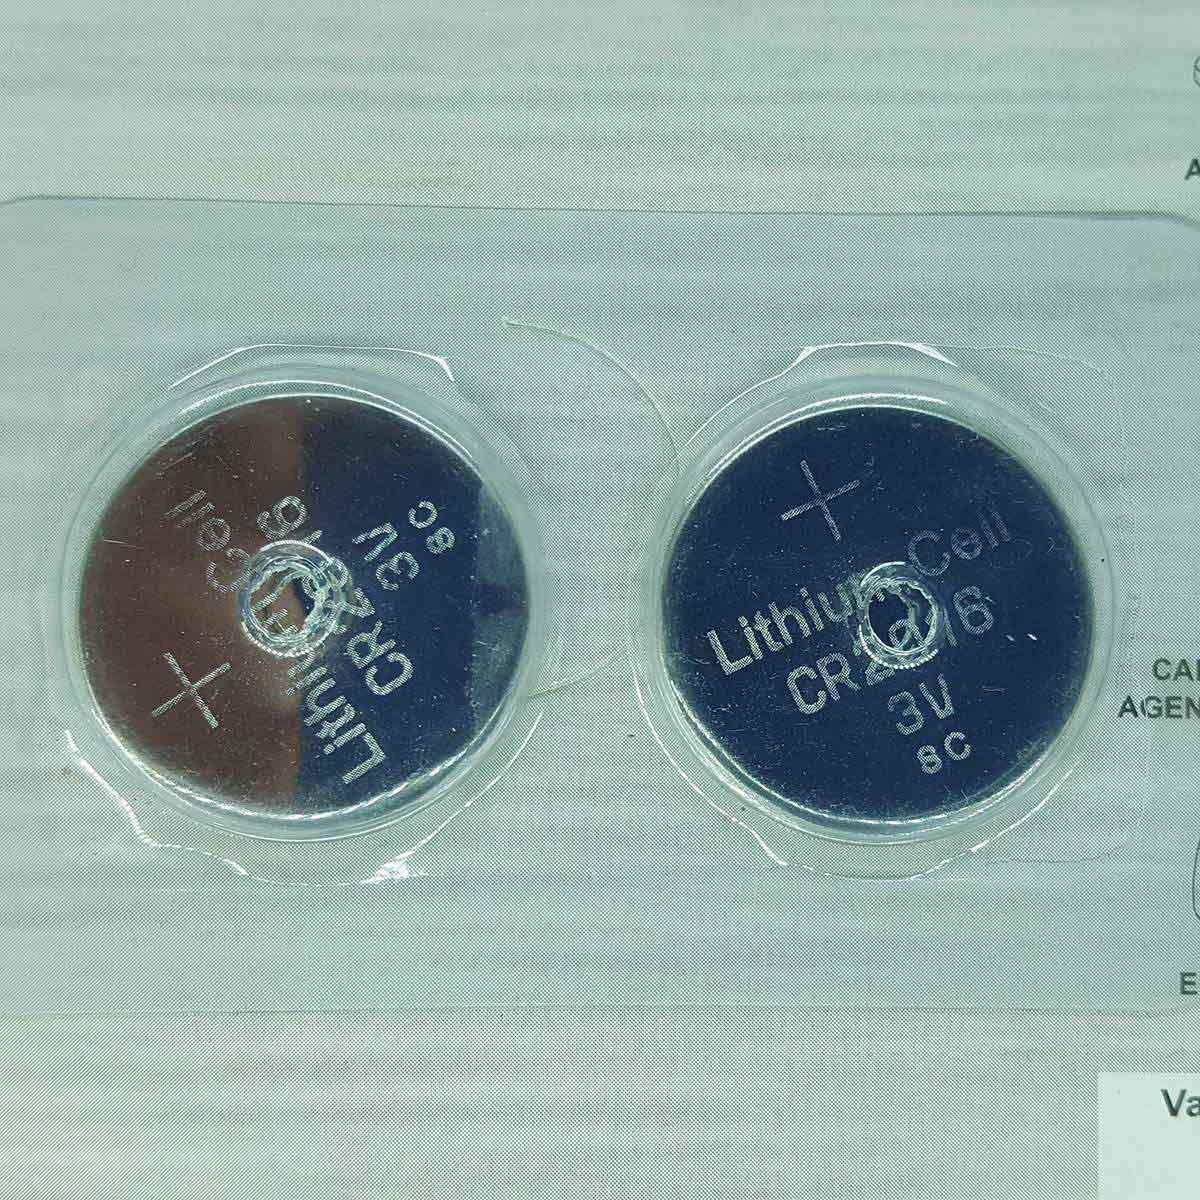 Bateria de Lítio Alfacell Lithium CR2016 3V